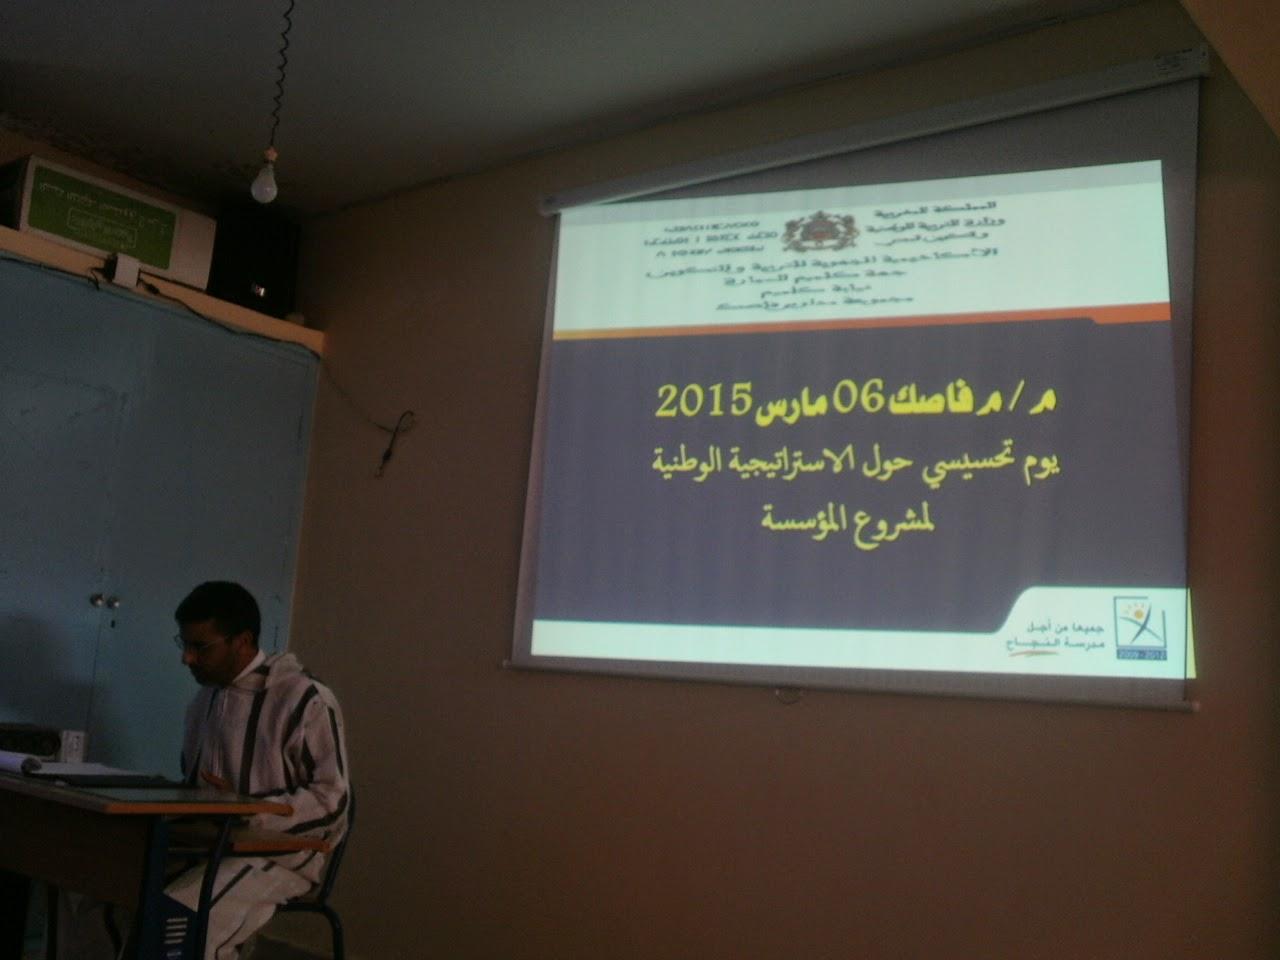 مشروع المؤسسة دعامة أساسية لجودة المدرسة المغربية